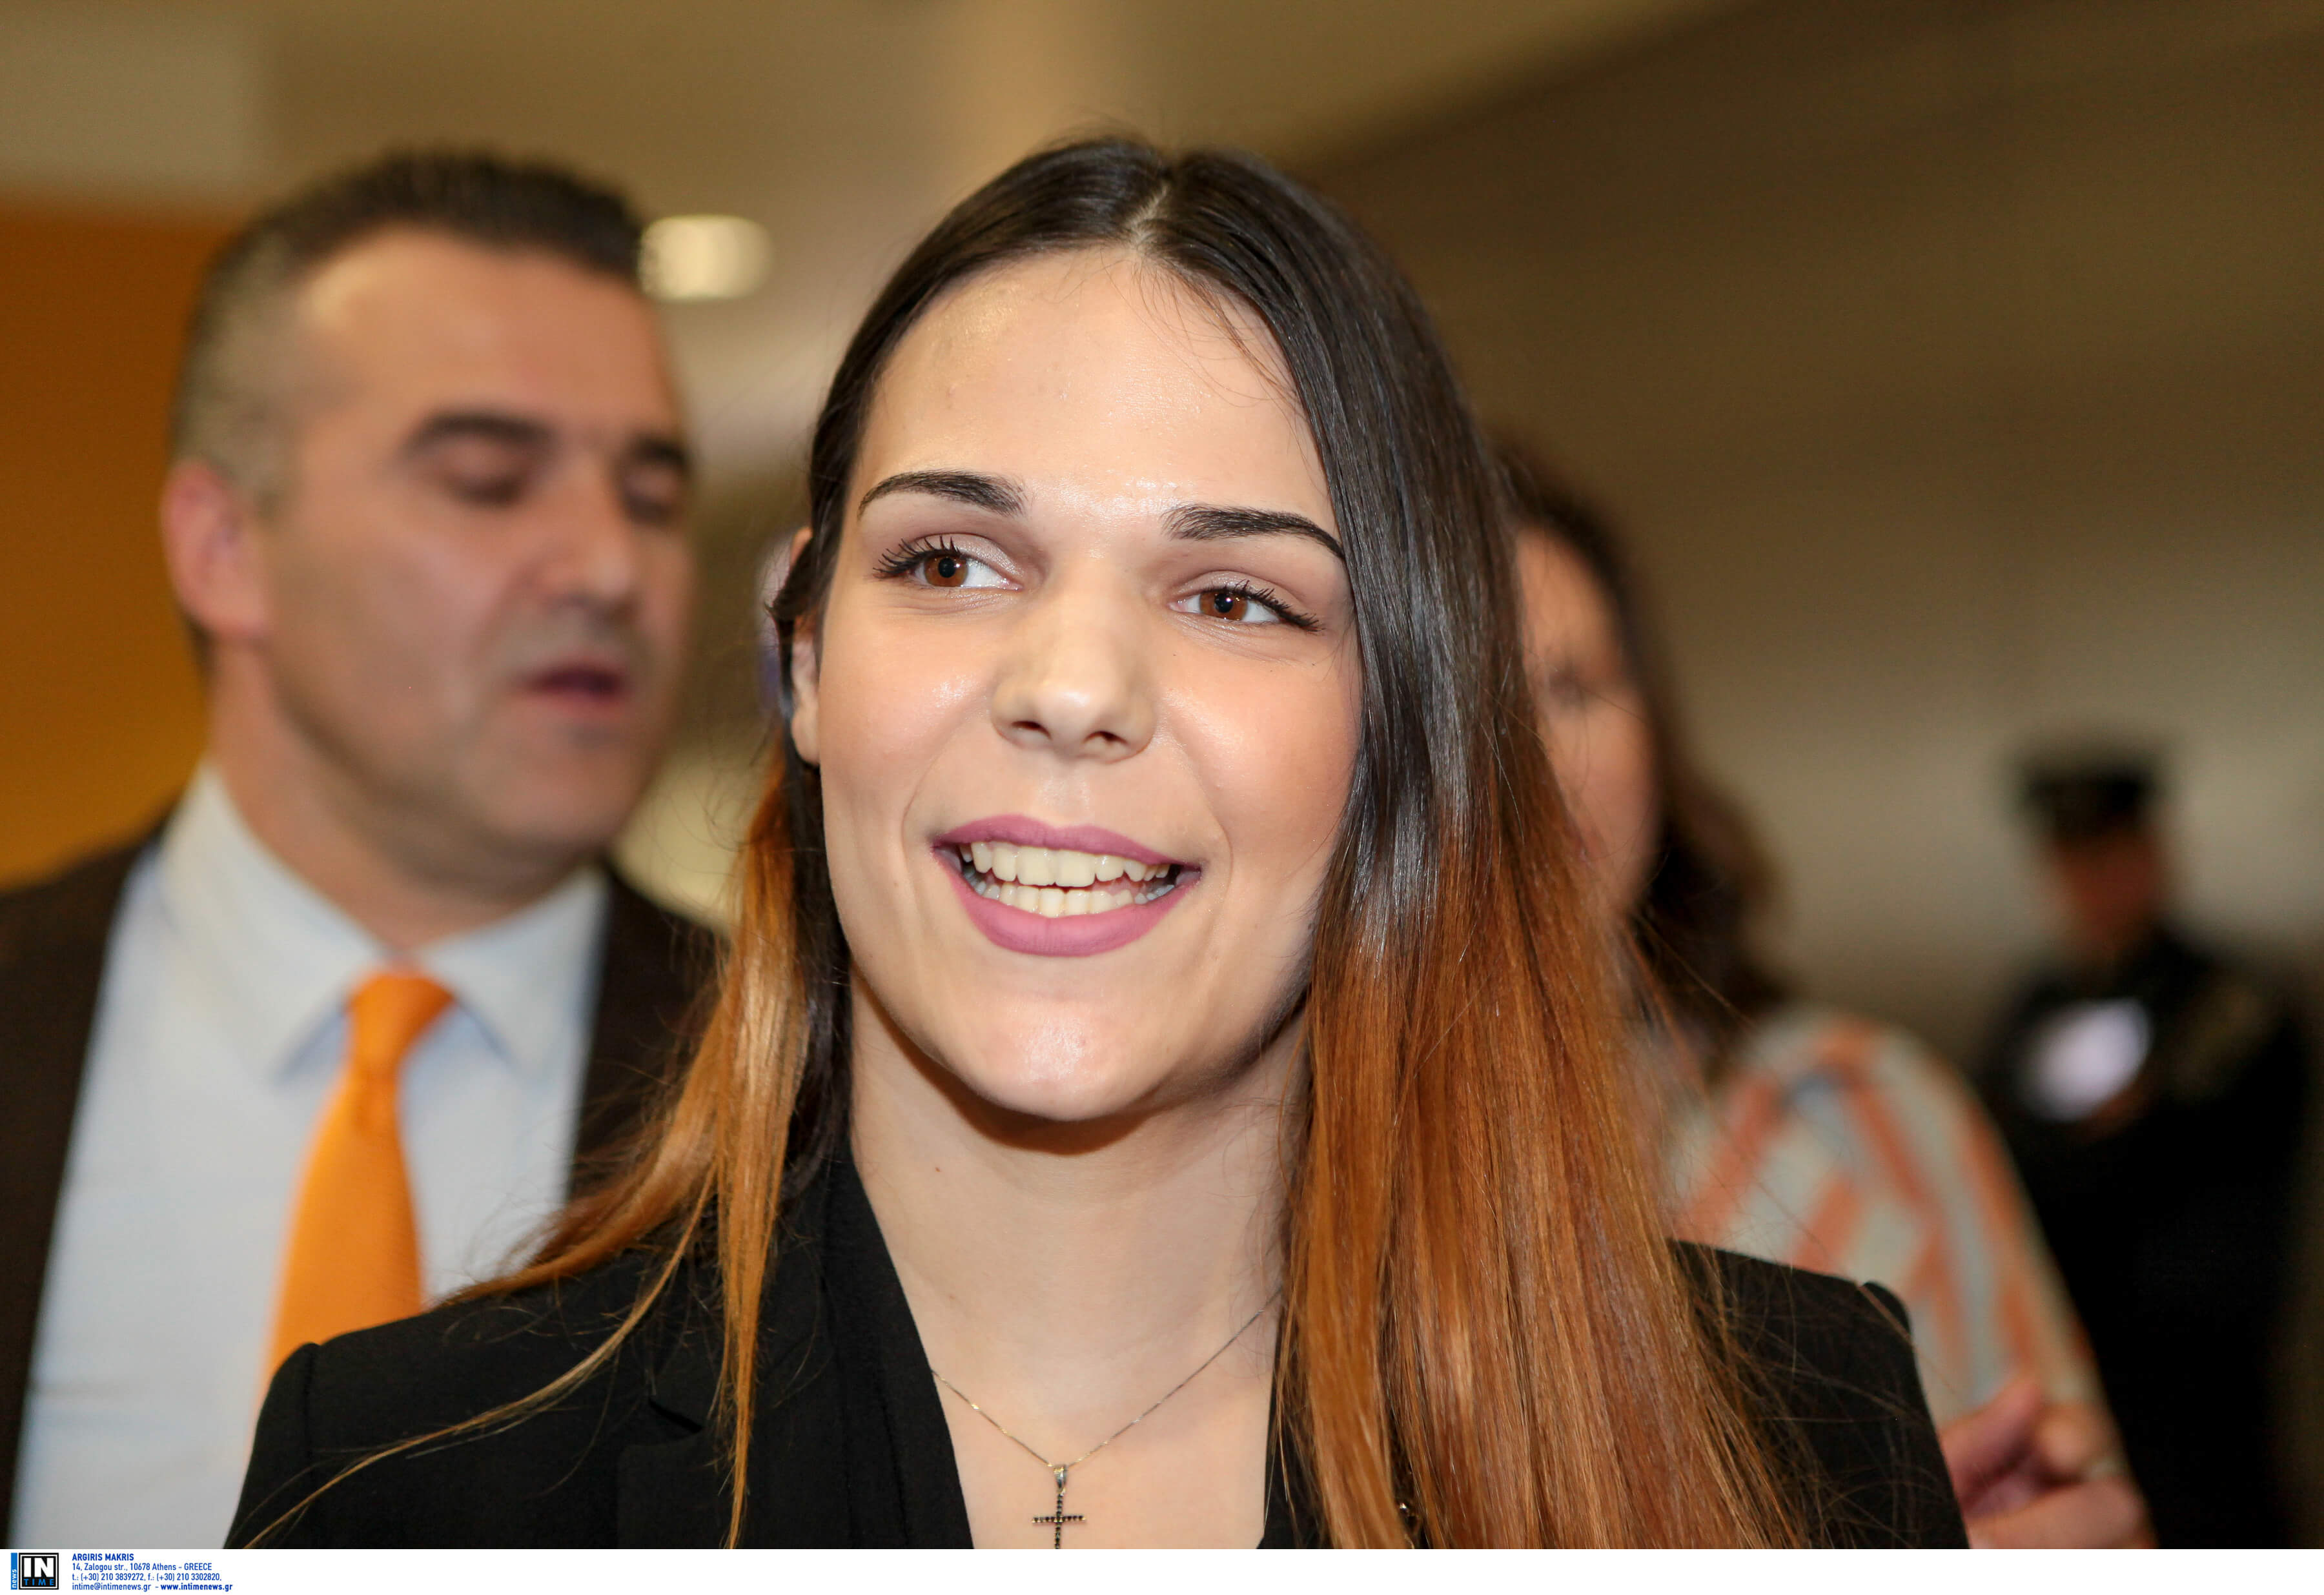 Ειρήνη Μελισσαροπούλου: Επέστρεψε στην Ελλάδα το μοντέλο μετά την αθώωσή της